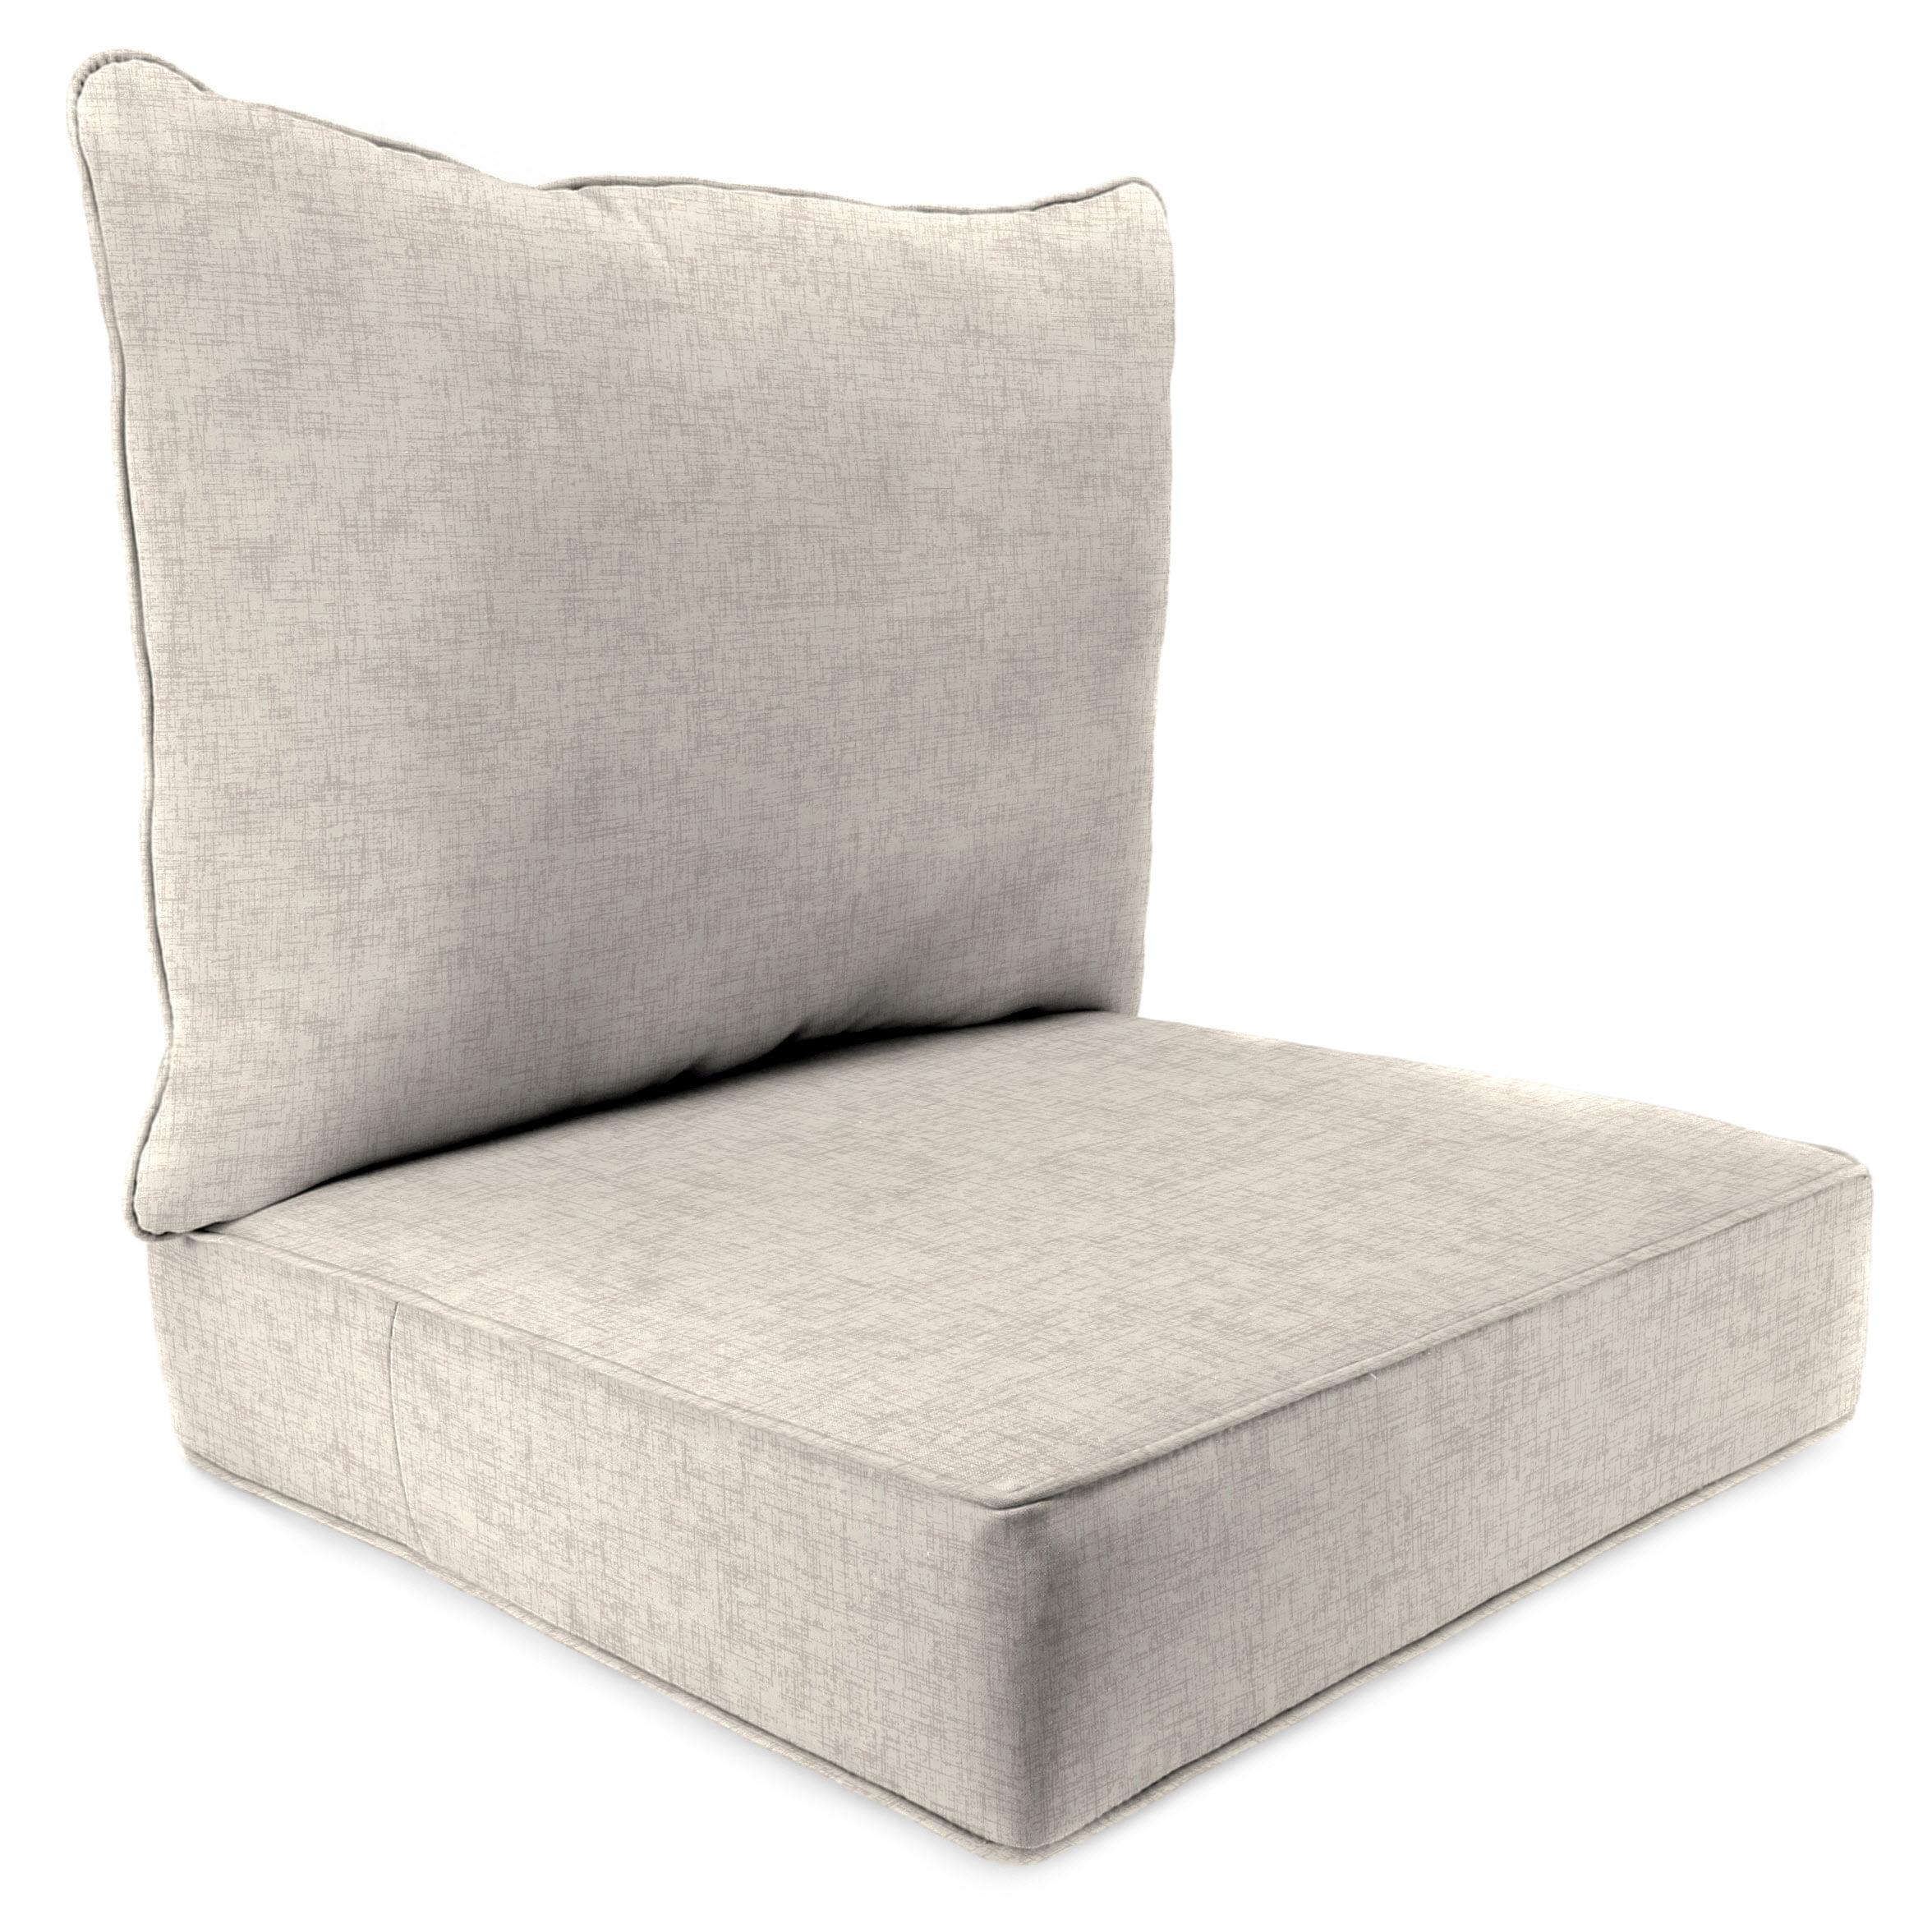 2 PC Deep Seat Chair Cushion by Jordan Manufacturing